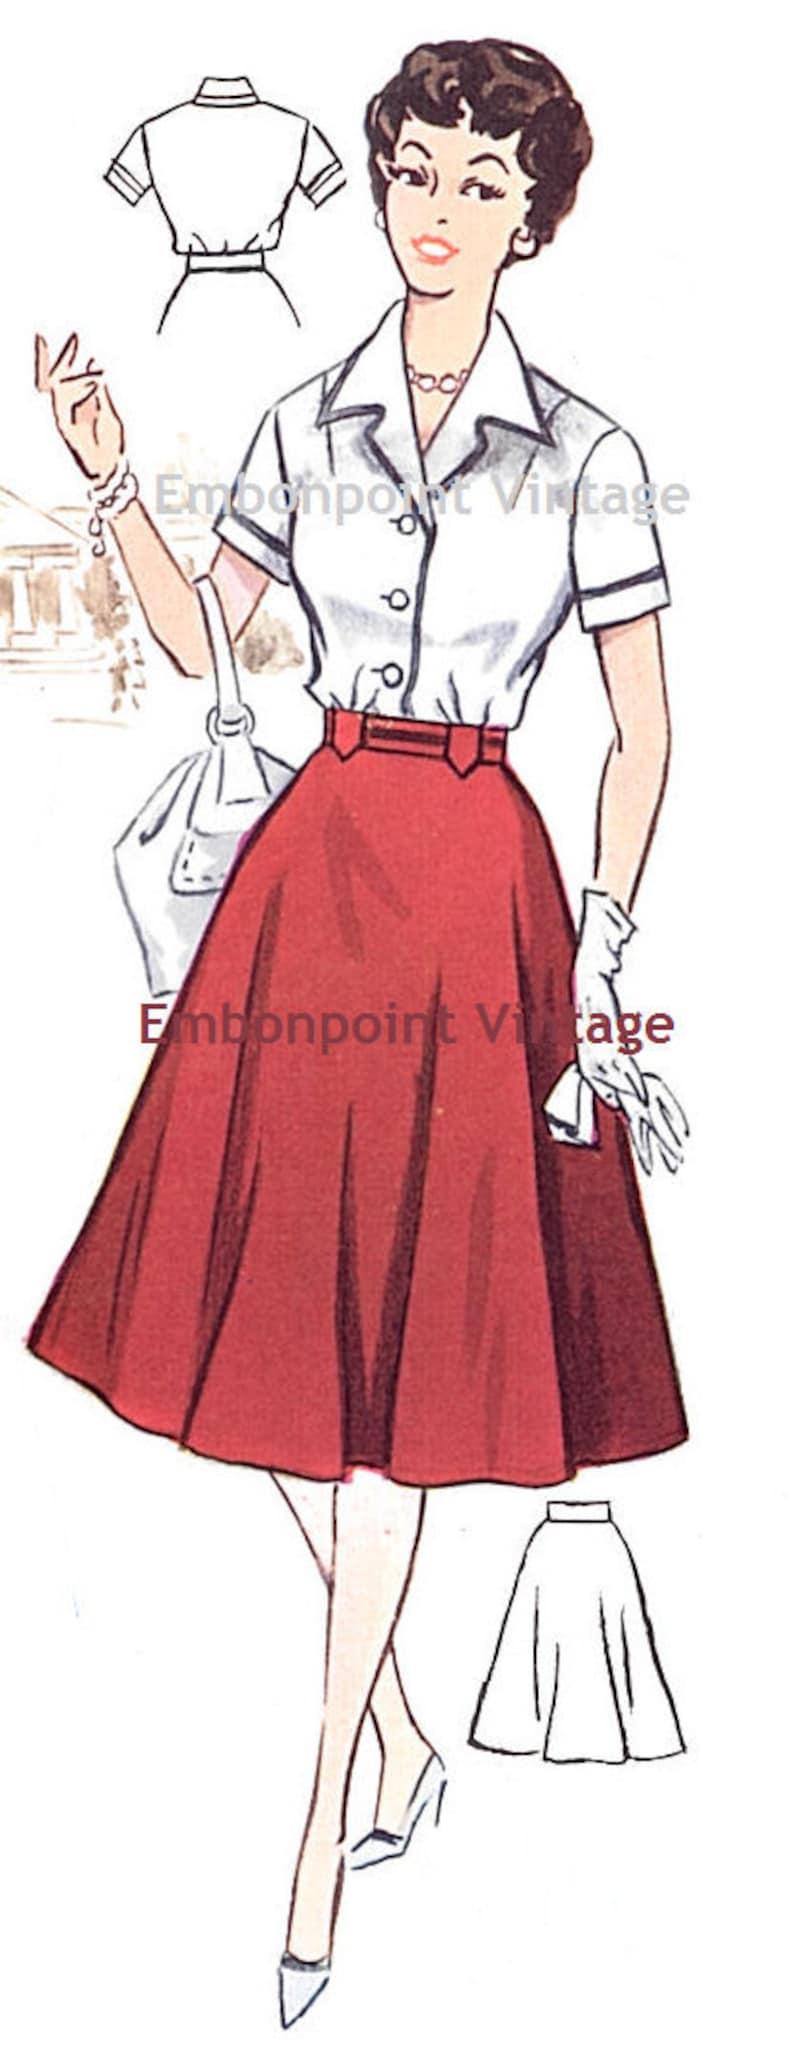 1950s Sewing Patterns | Dresses, Skirts, Tops, Mens Vintage 1950s Skirt Pattern - PDF - Pattern No 64b Vicki Skirt $6.33 AT vintagedancer.com